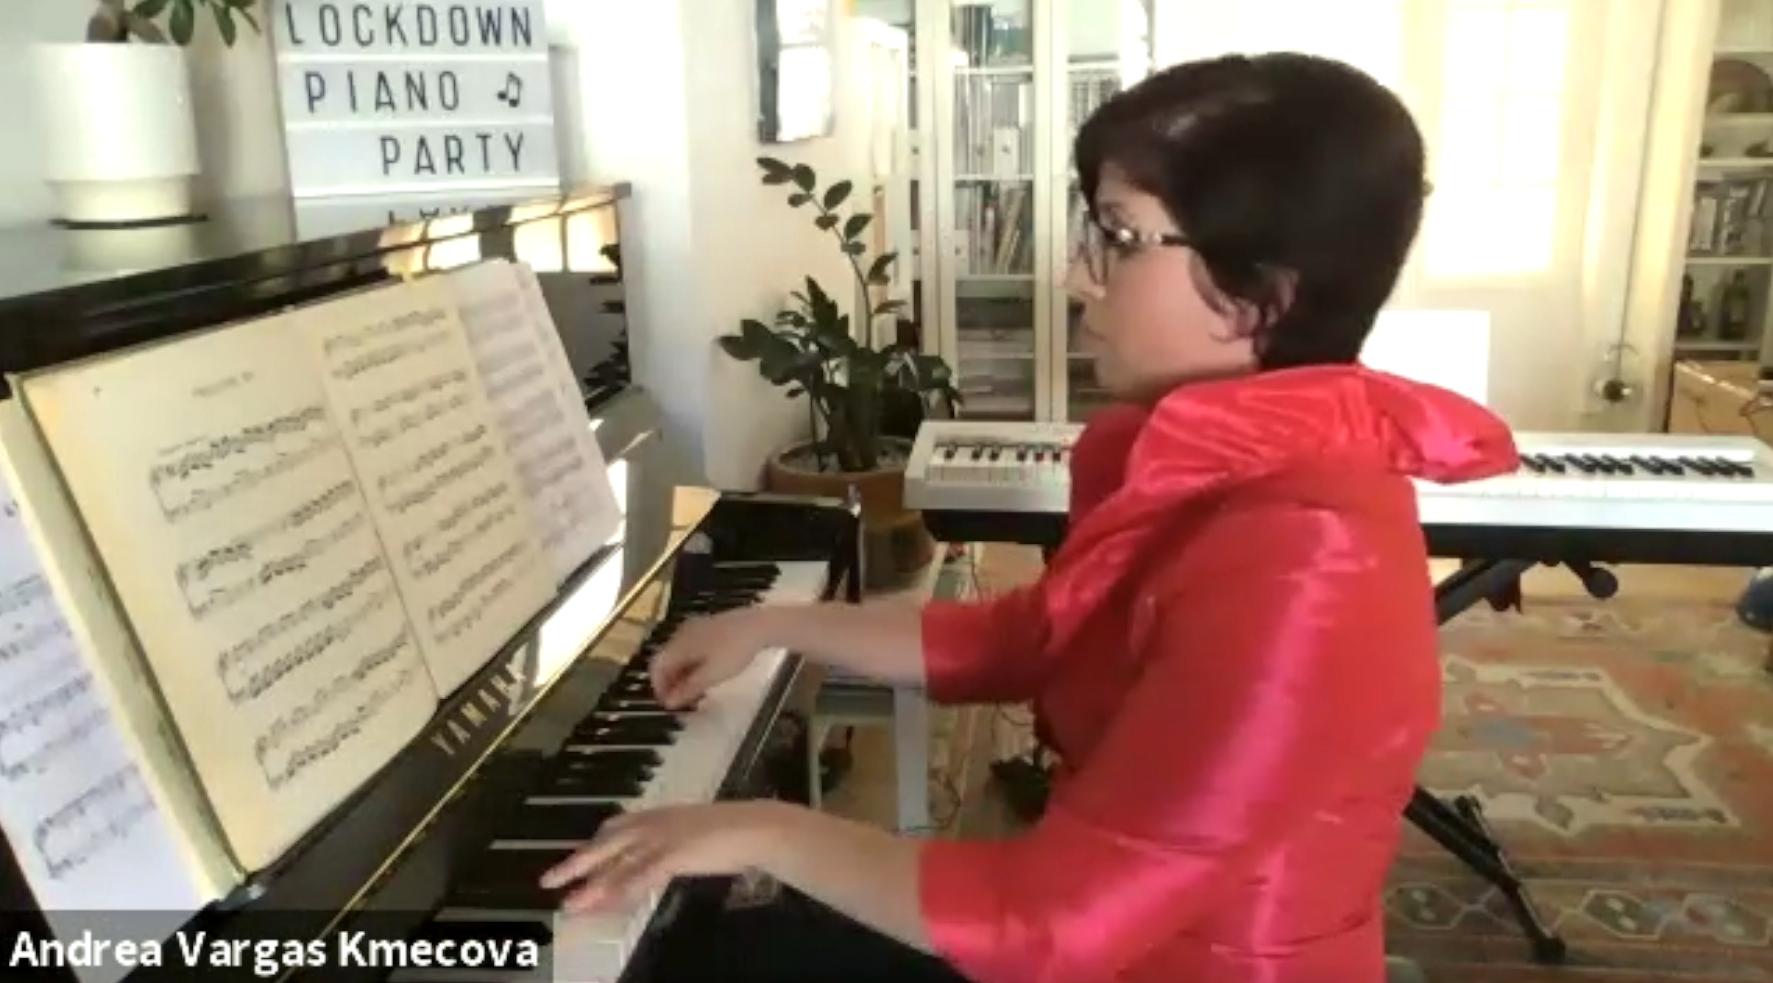 Lockdown Piano Party 31-May-2020